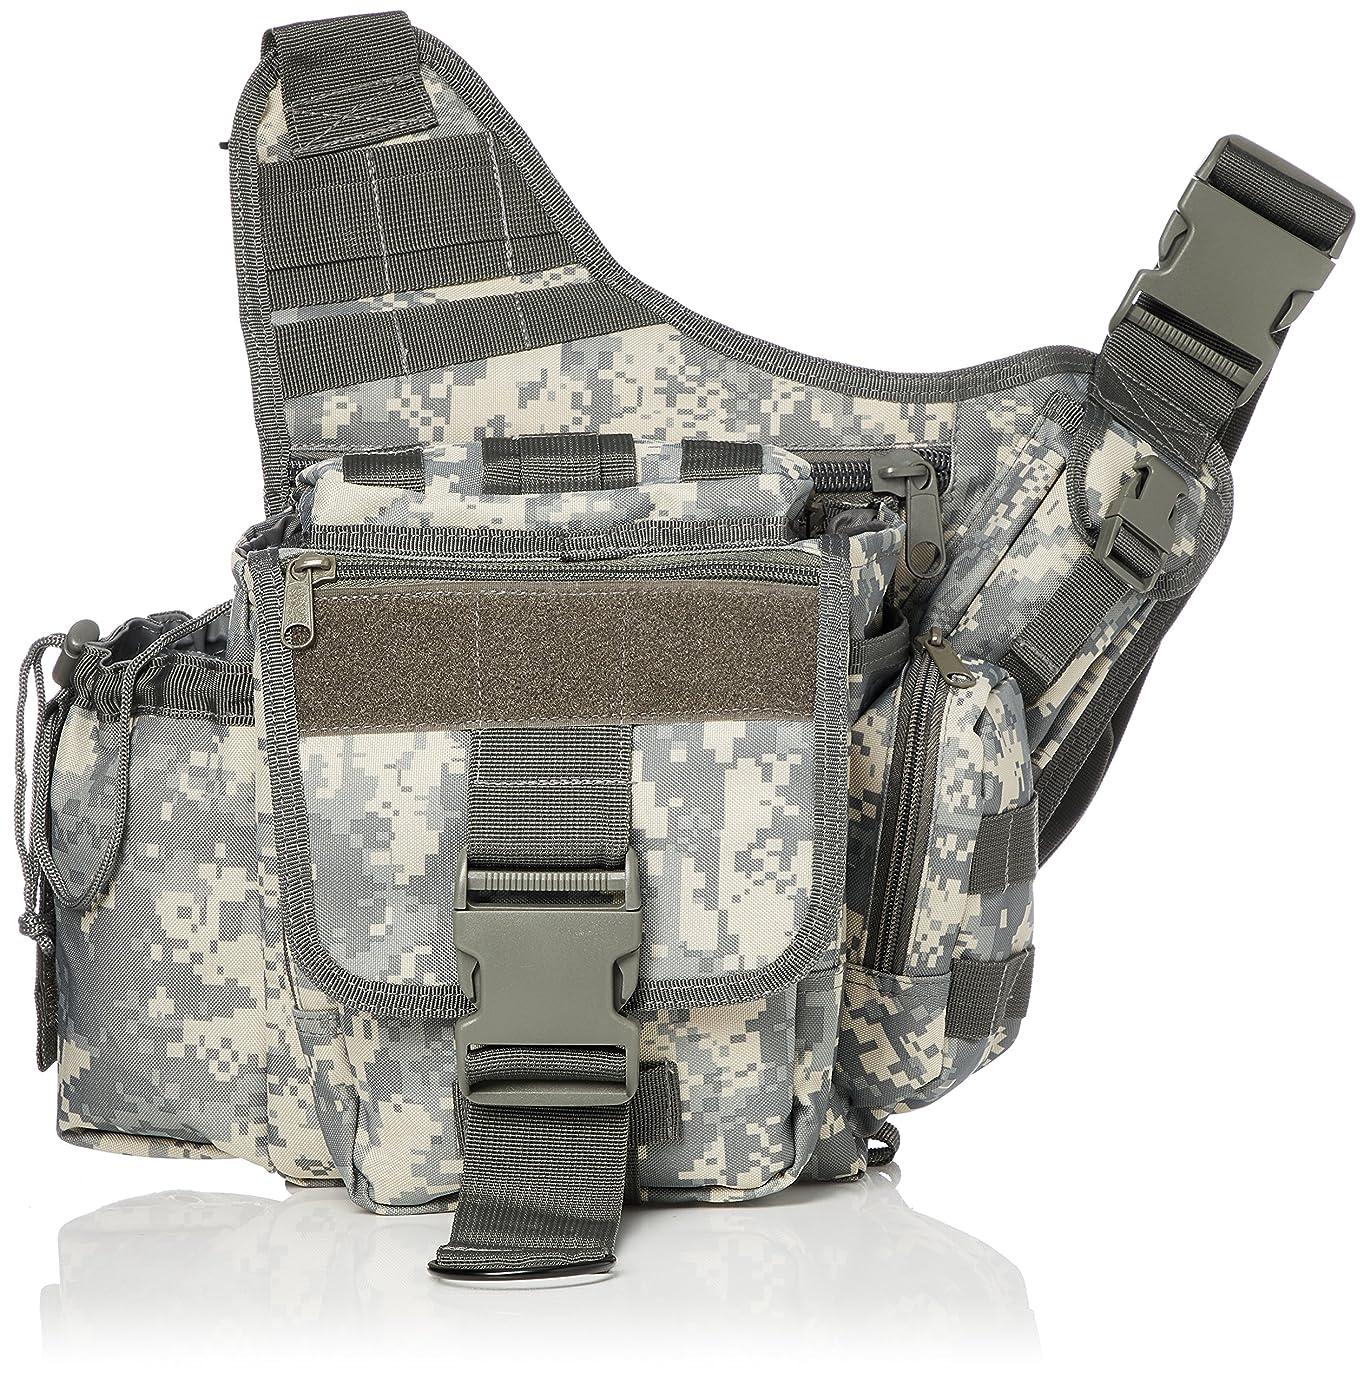 聴覚明るくする犠牲[ロスコ] Advanced Tactical Bag ボディバッグ 頑丈 丈夫 多機能 収納多数 ポケットいっぱい 2WAY